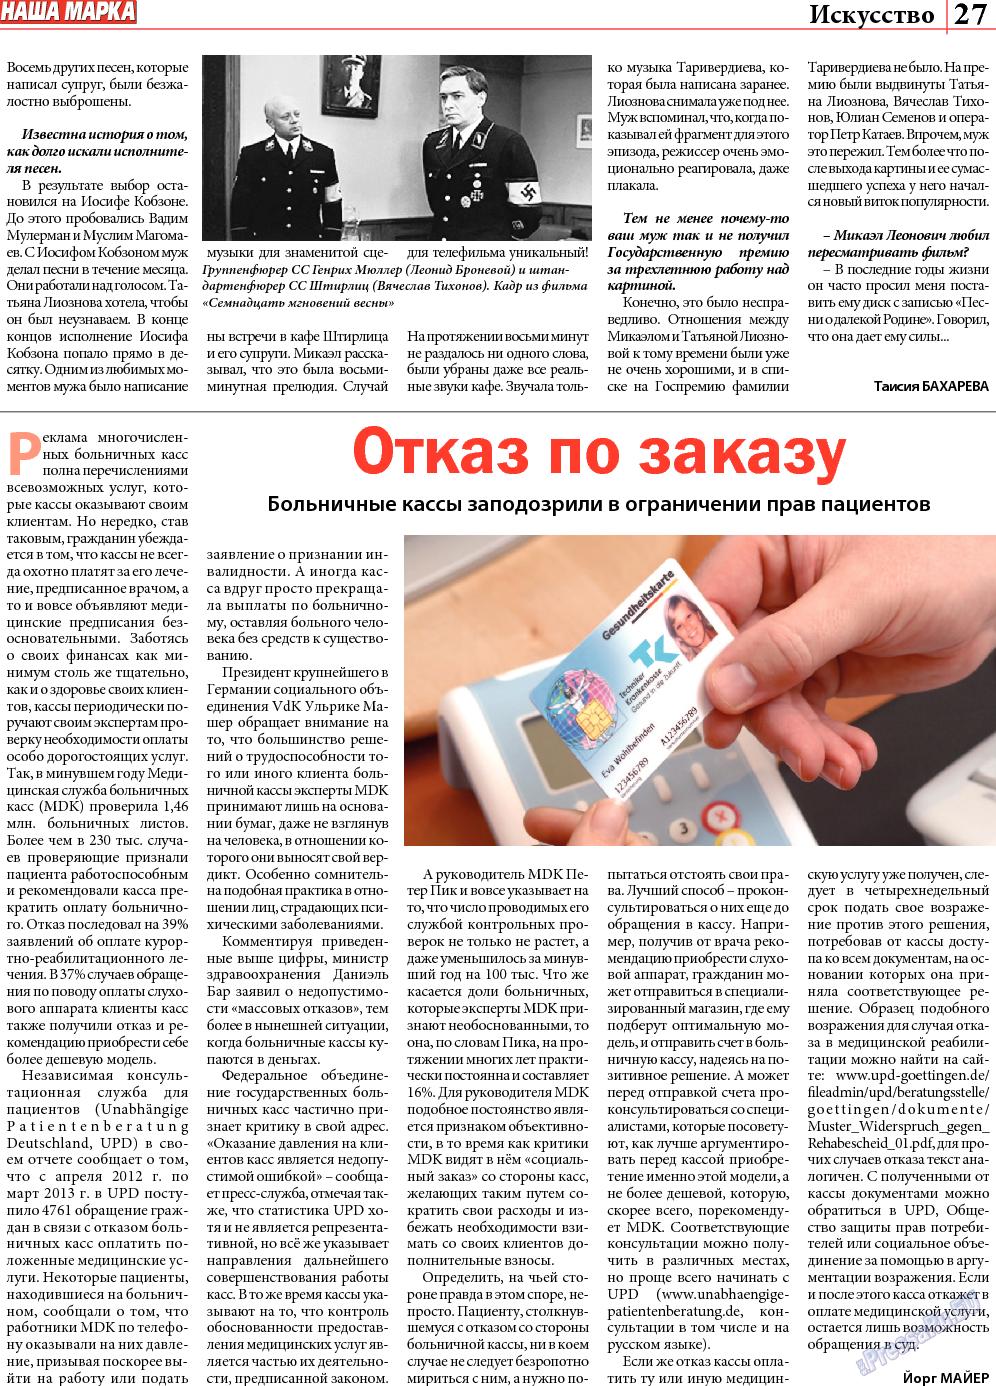 Наша марка (газета). 2013 год, номер 9, стр. 27